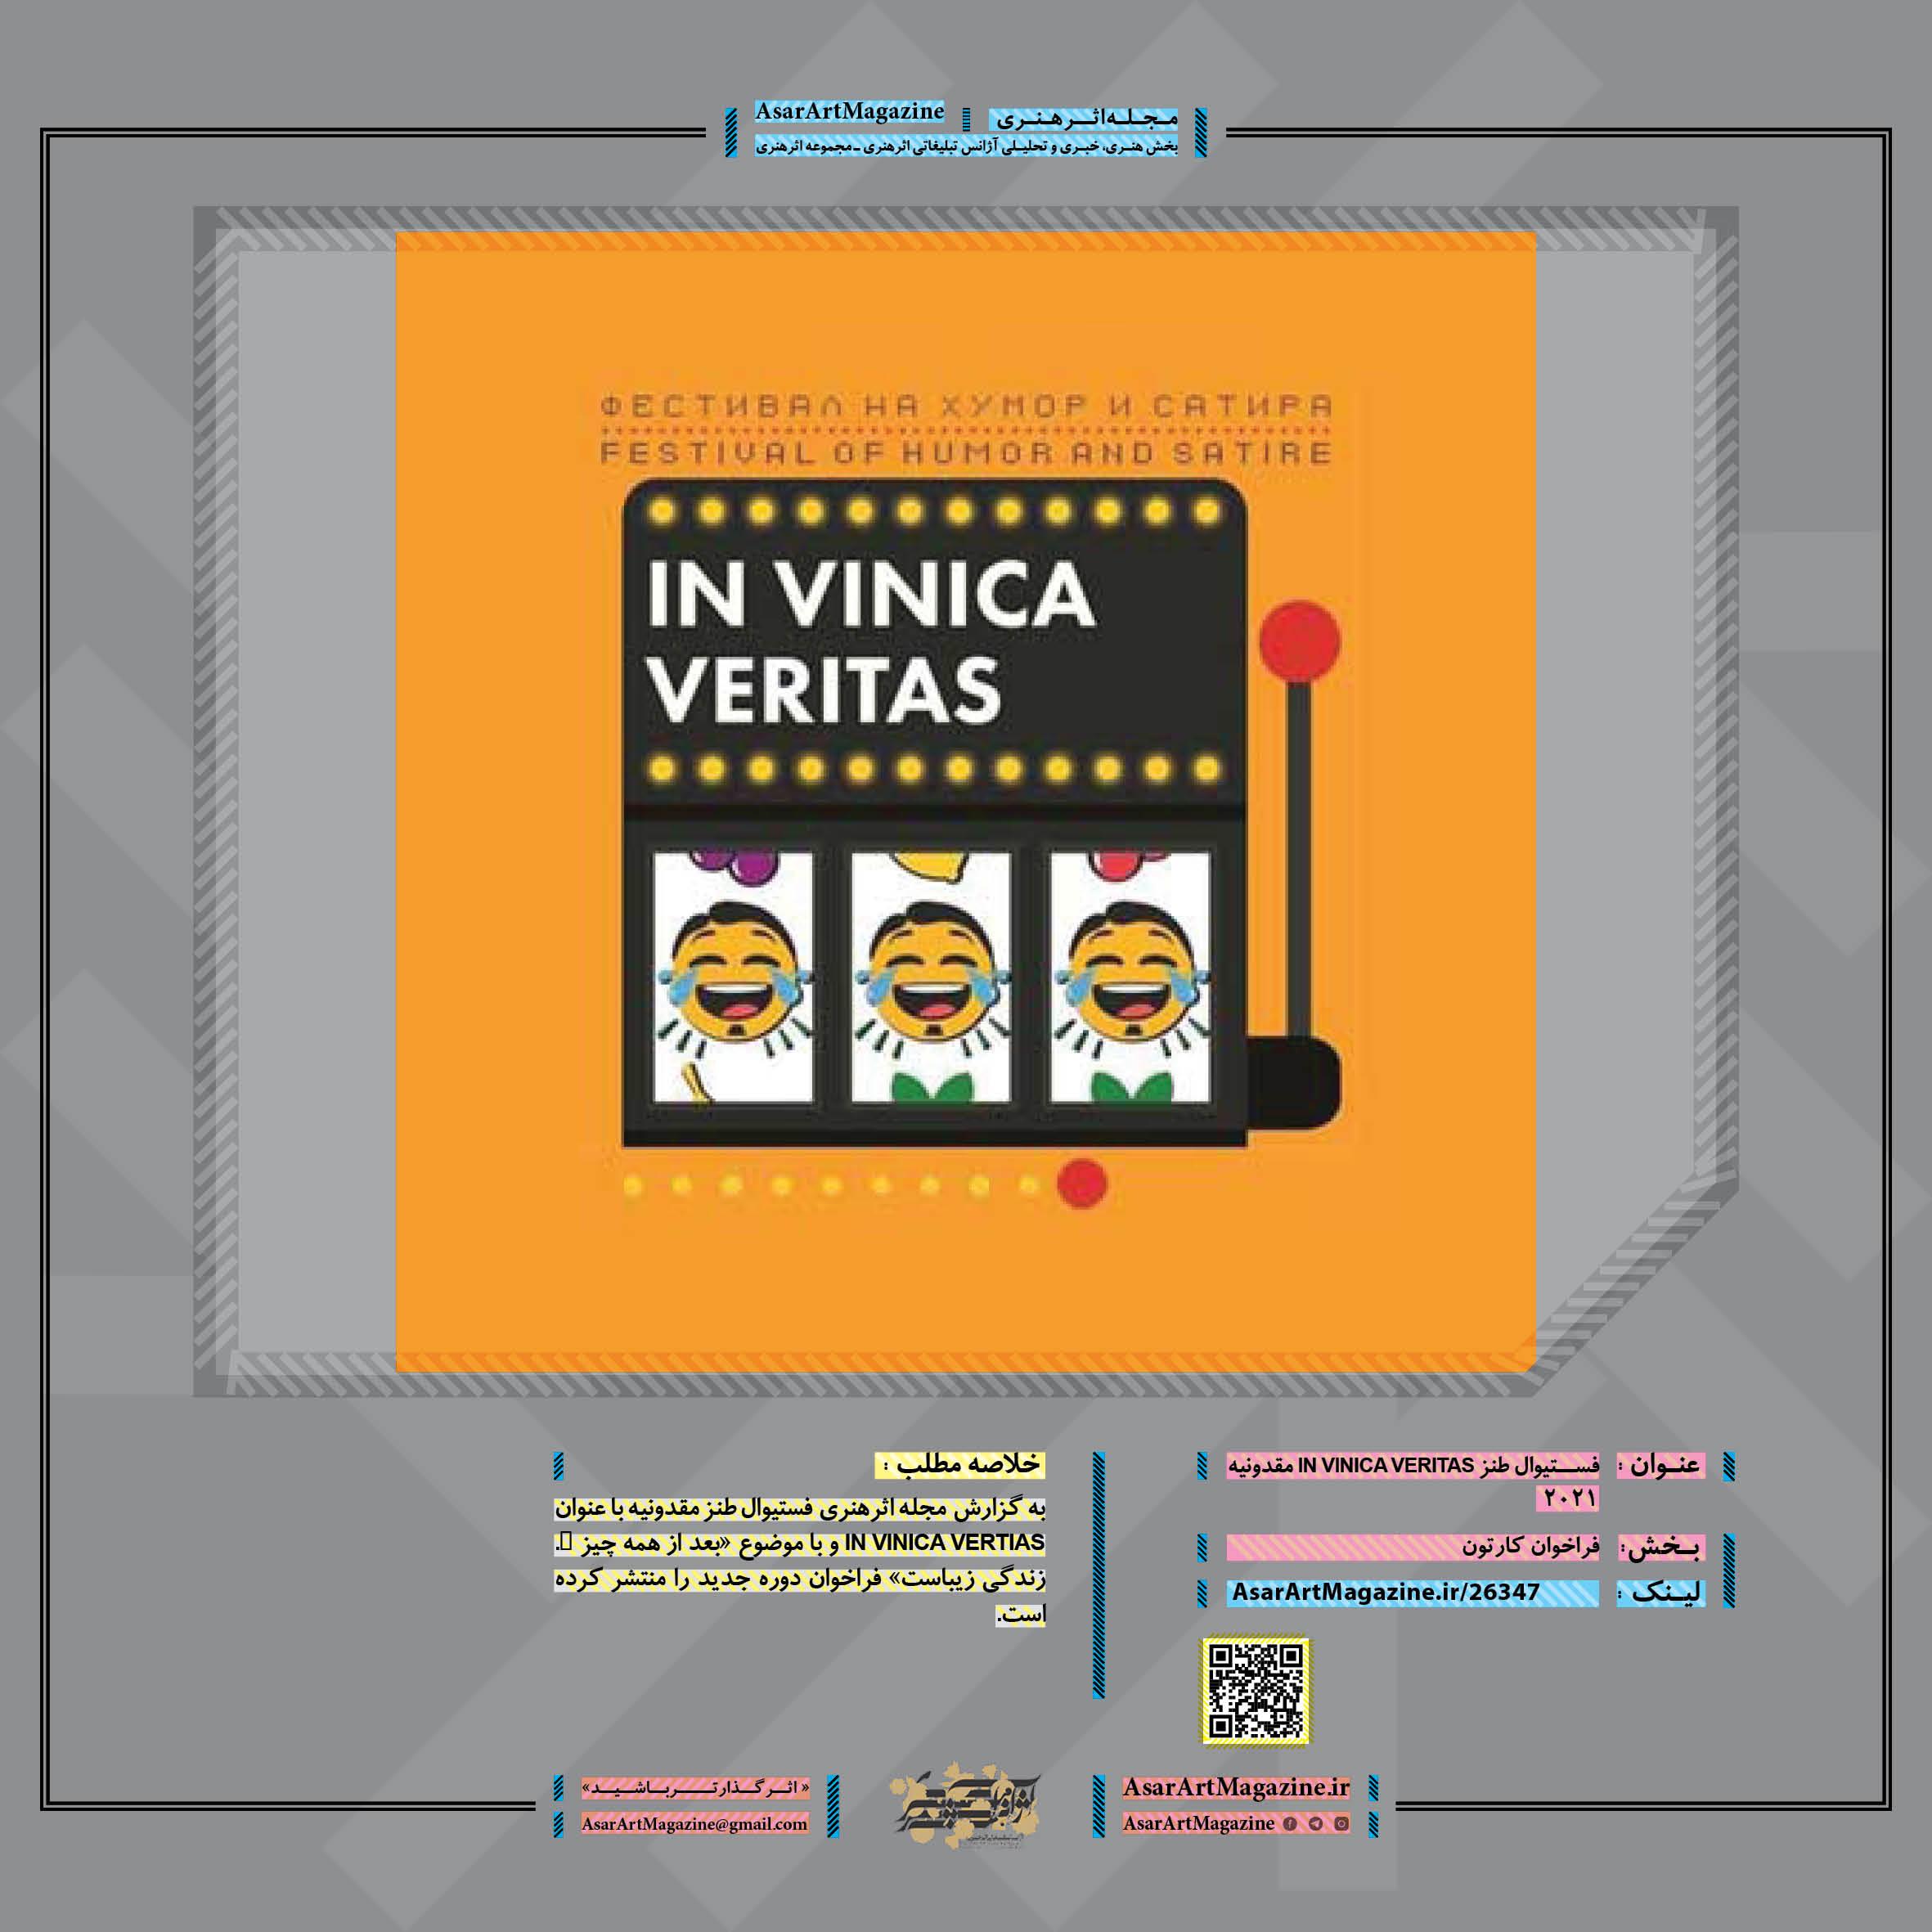 فستیوال طنز IN VINICA VERITAS مقدونیه ۲۰۲۱  |  مجله اثرهنری، بخش هنری، خبری و تحلیلی مجموعه اثرهنری | مجله اثر هنری ـ «اثرگذارتر باشید»